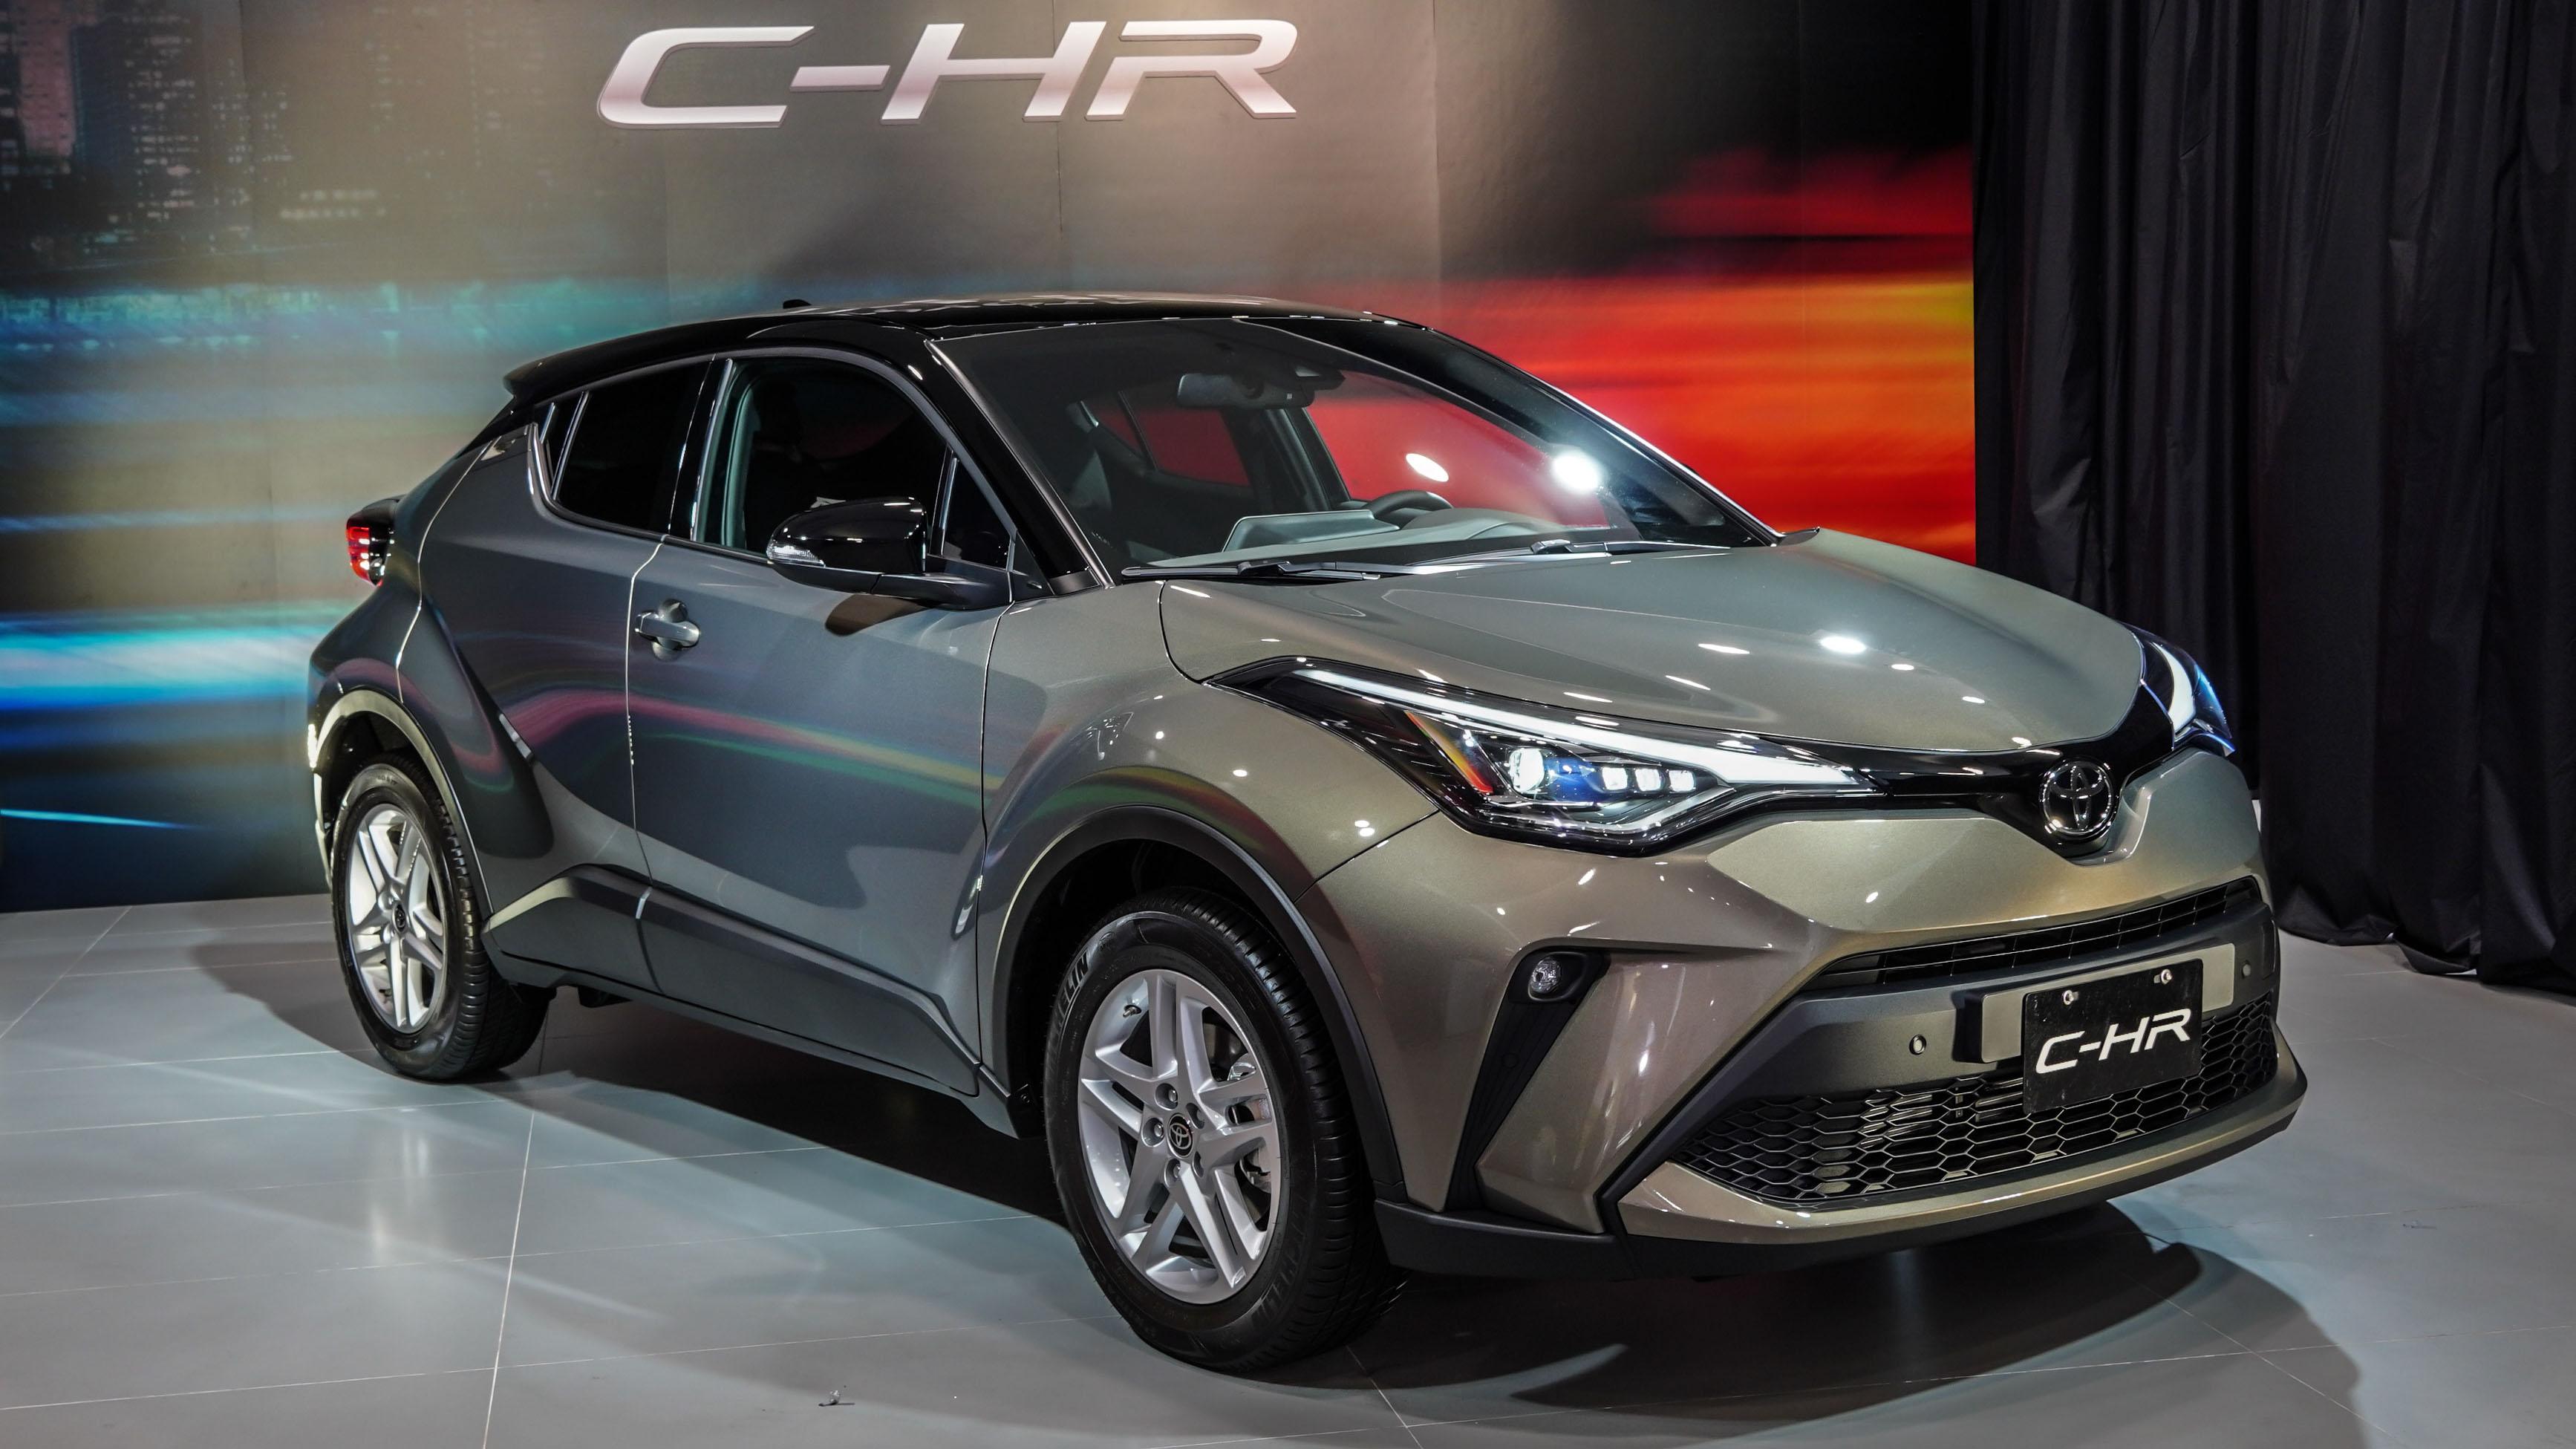 標配 ACC,小改款 Toyota C-HR 89.5 萬起上市